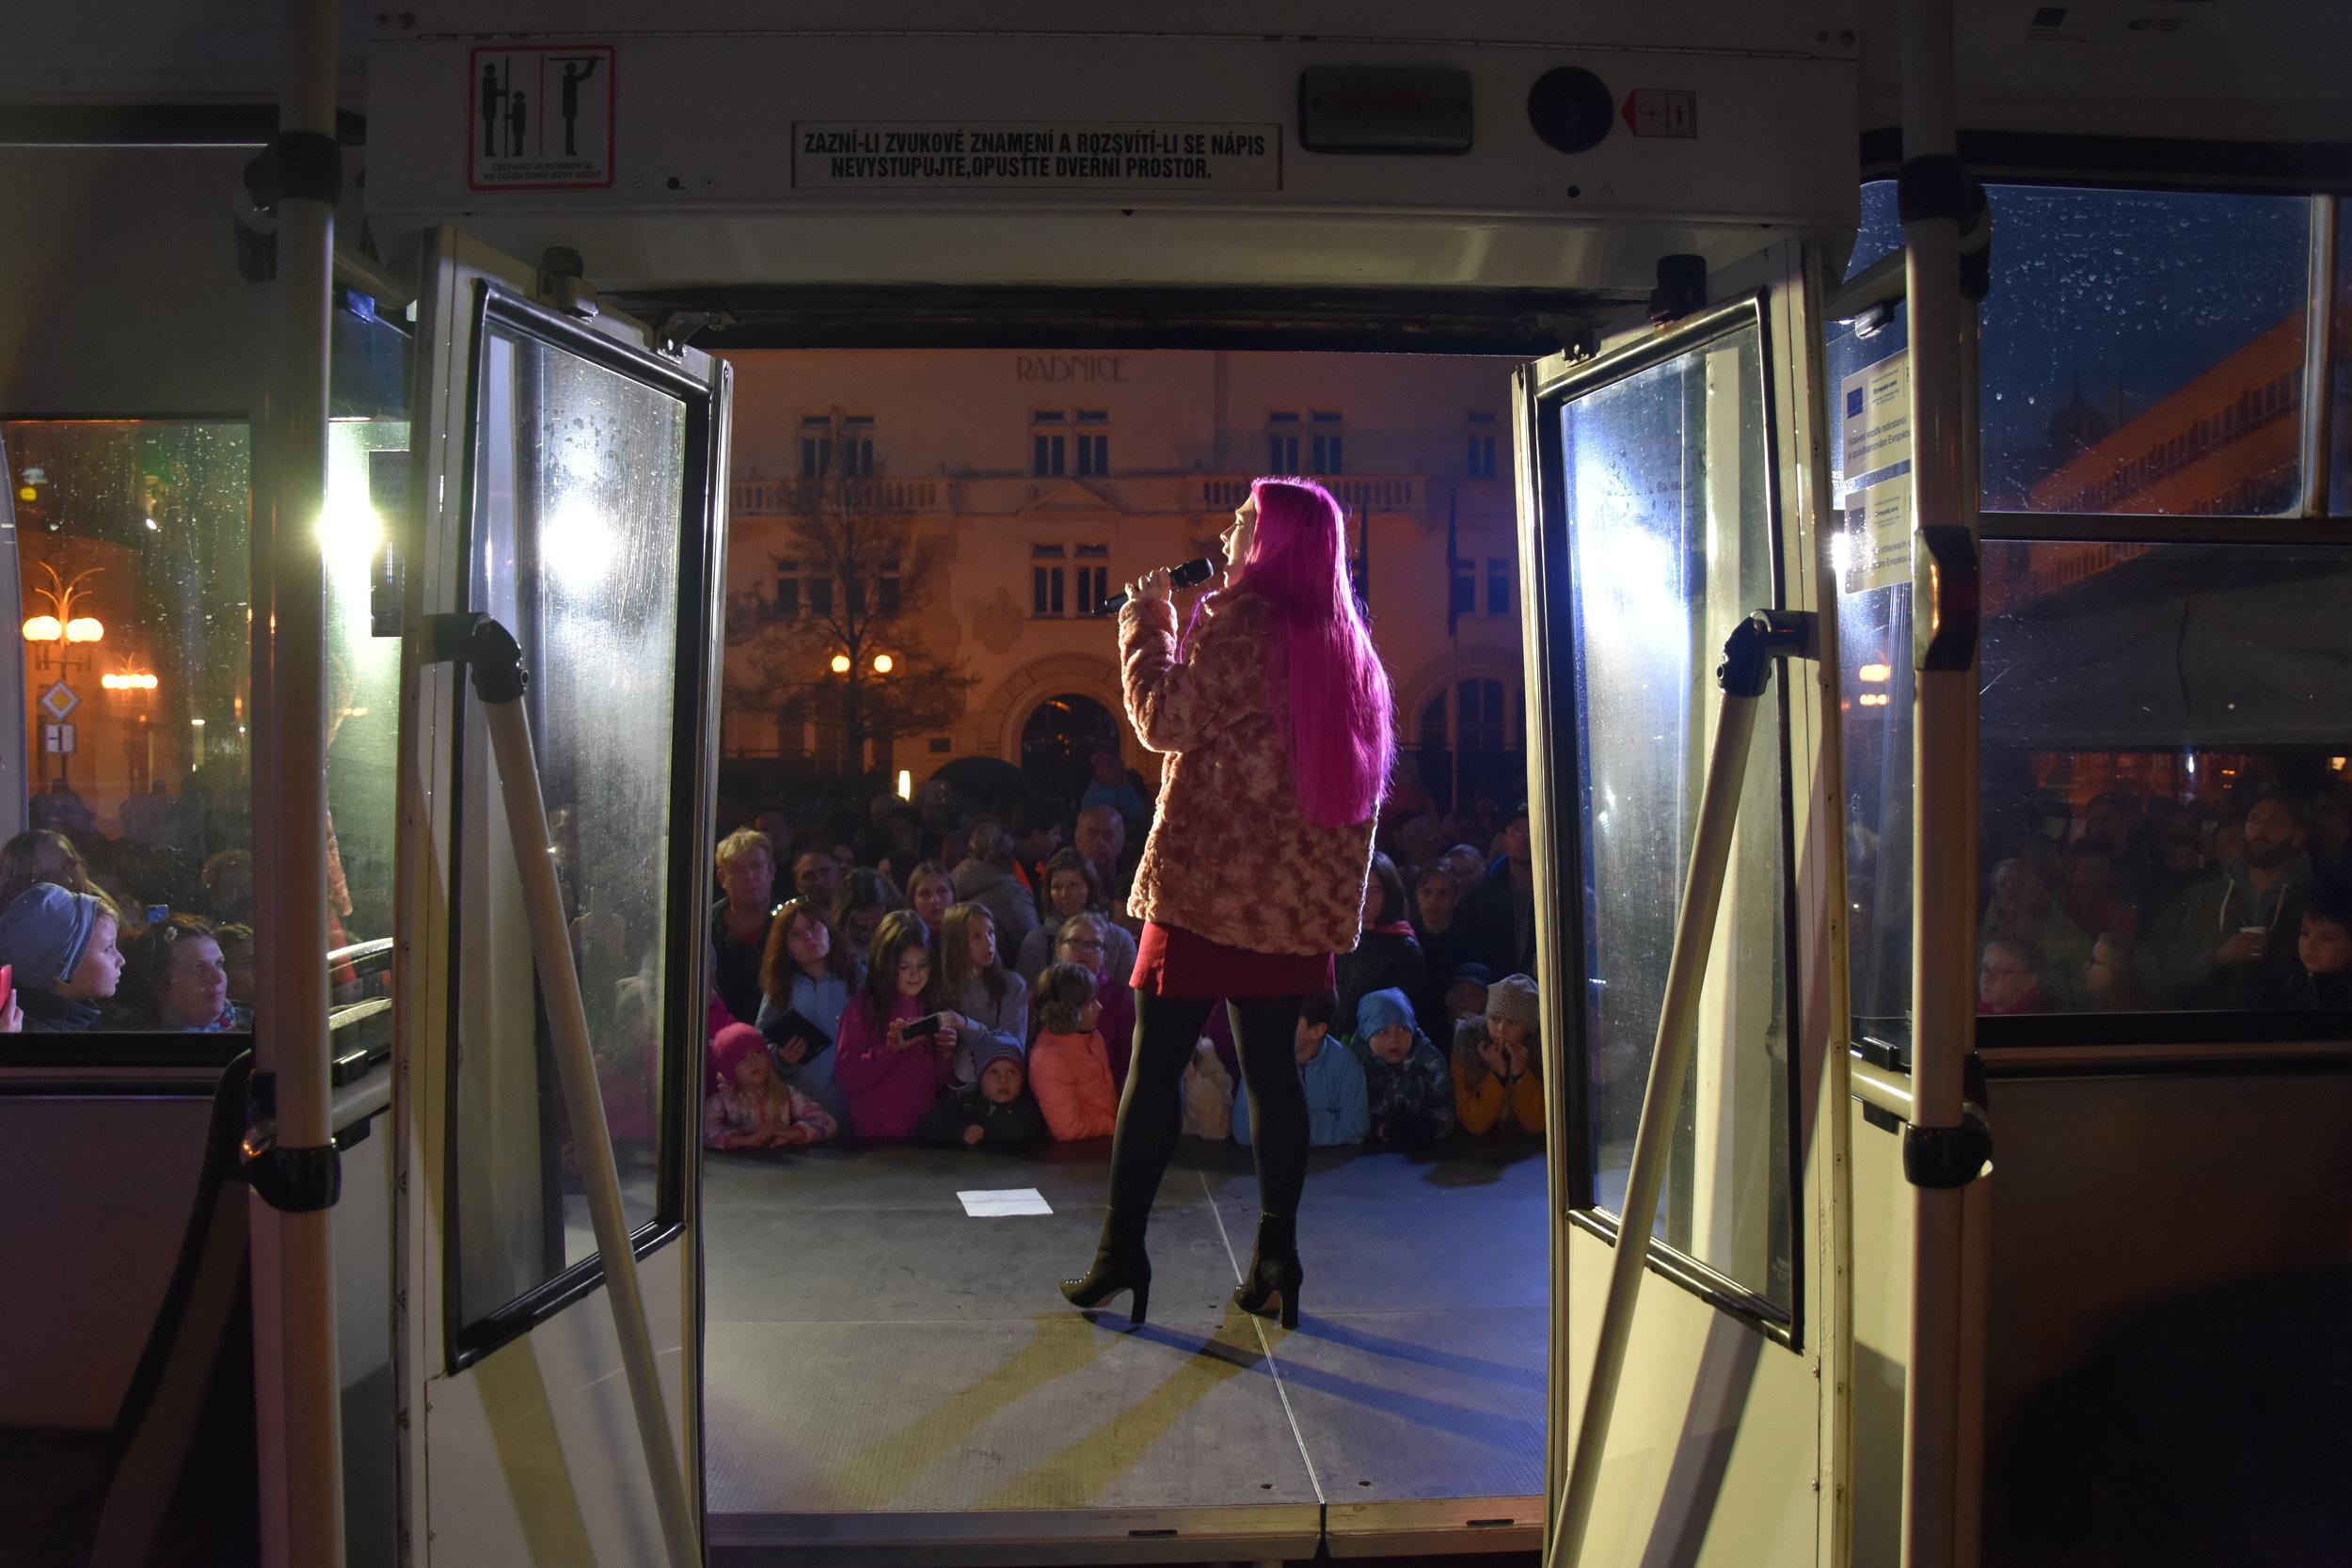 Netradiční backstage. Česko-Slovenská SuperStar Tereza Mašková zpívá na pódiu před československou strojírenskou superstar – trolejbusem Škoda 14 TrM. (foto: Libor Hinčica)